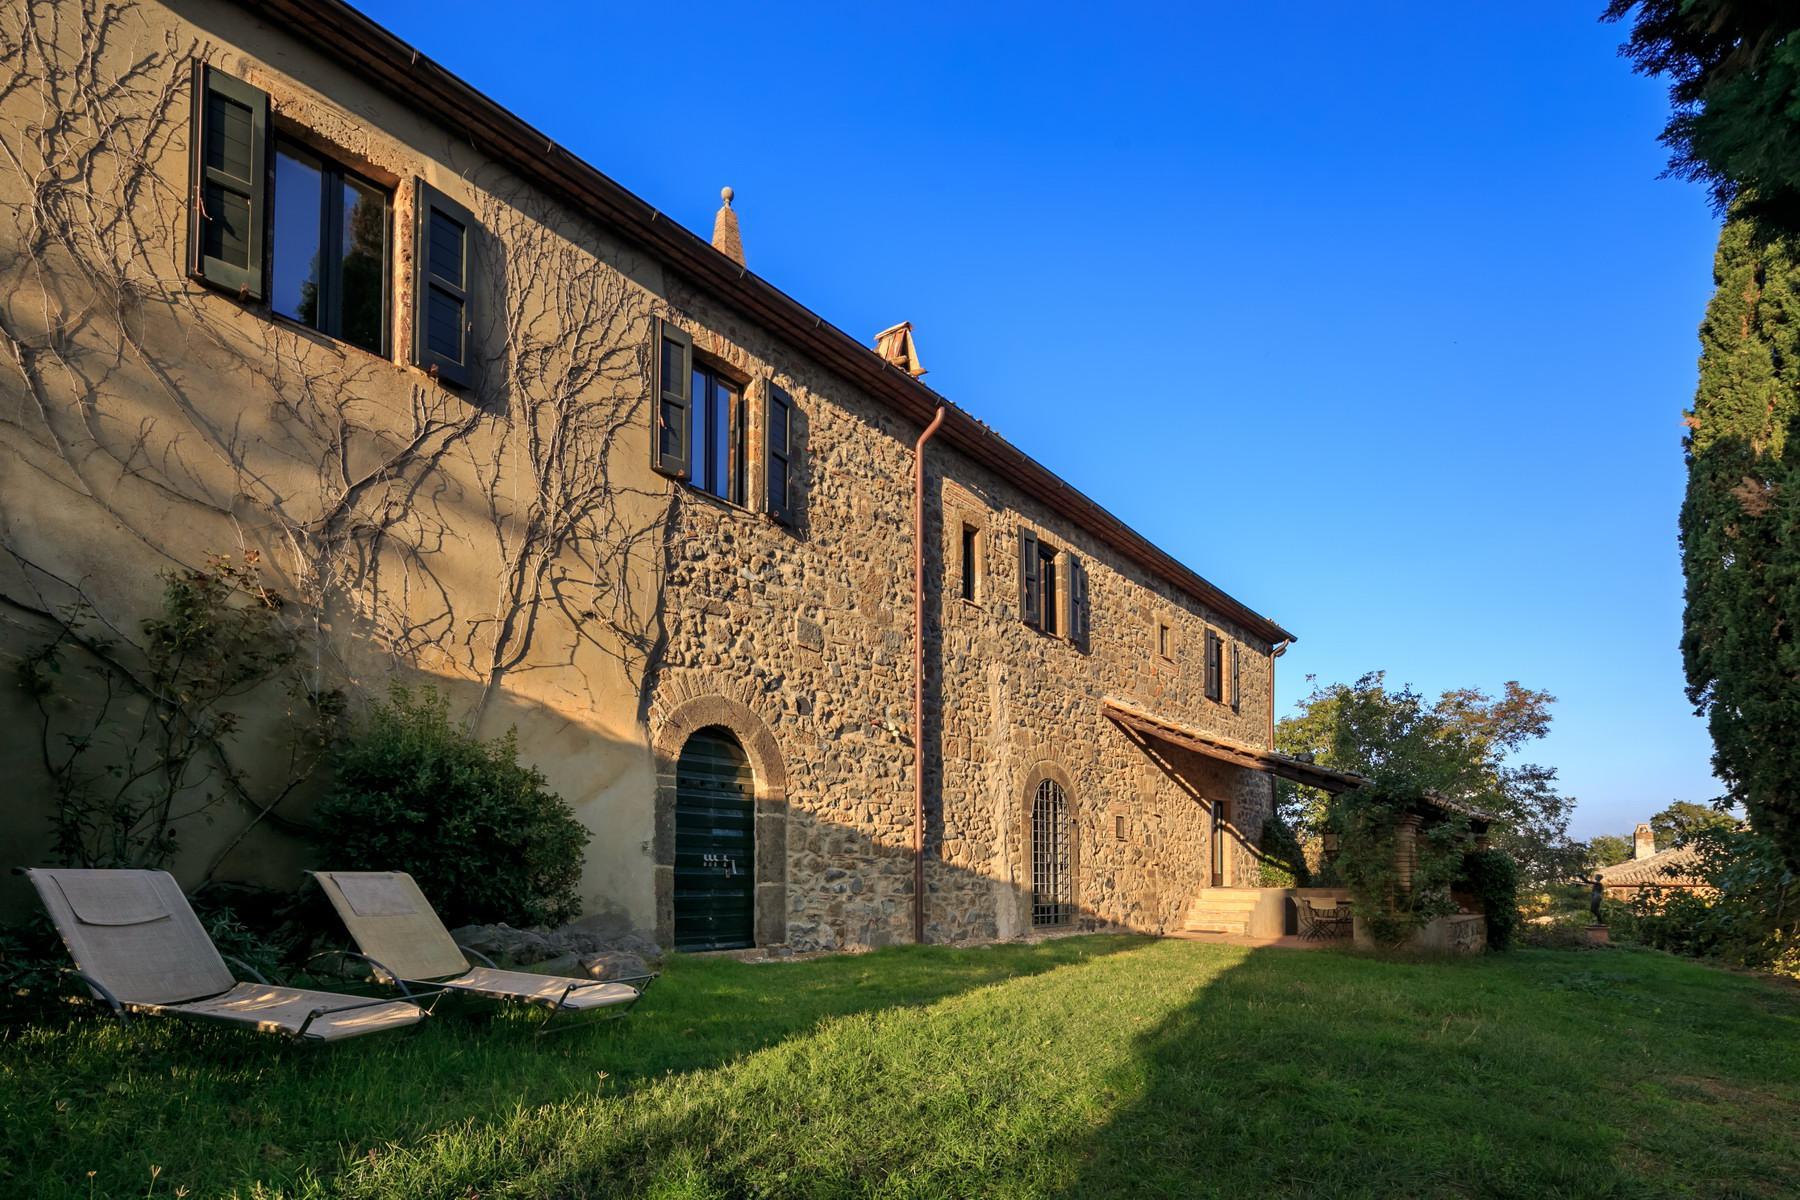 Средневековое аббатство в сердце Умбрии, Италия - 3